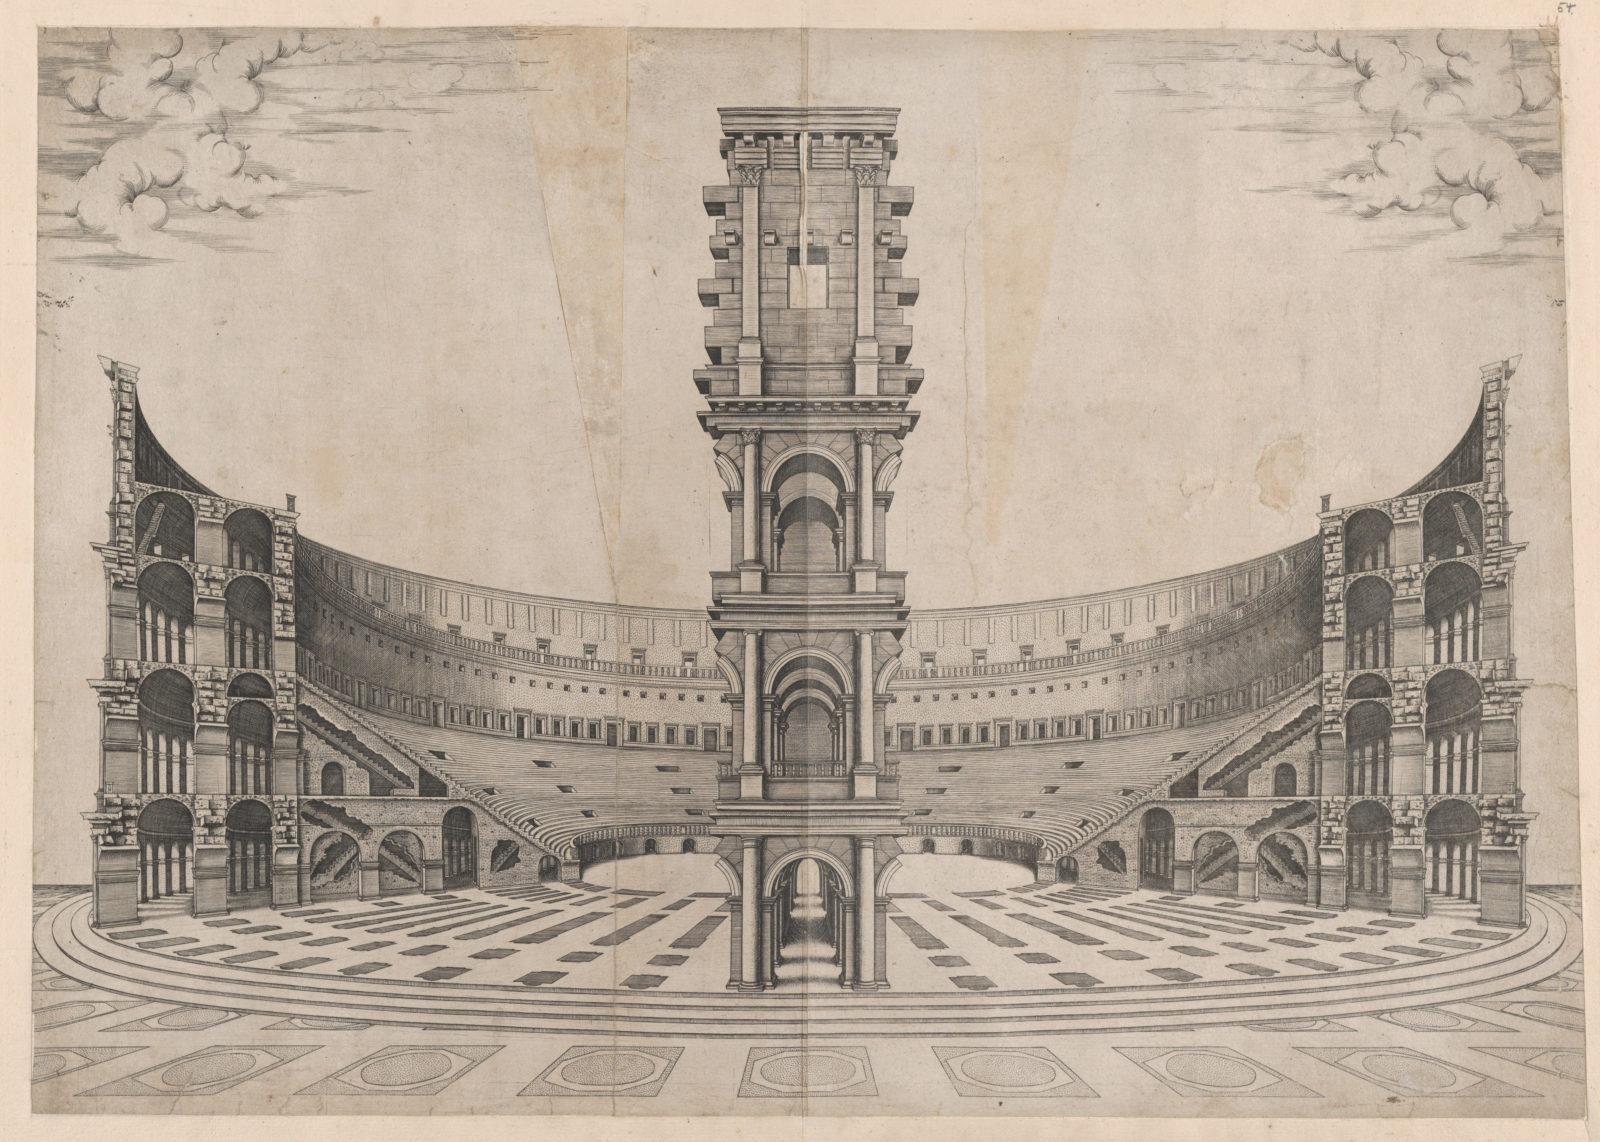 Speculum Romanae Magnificentiae: Interior Reconstruction of the Colosseum